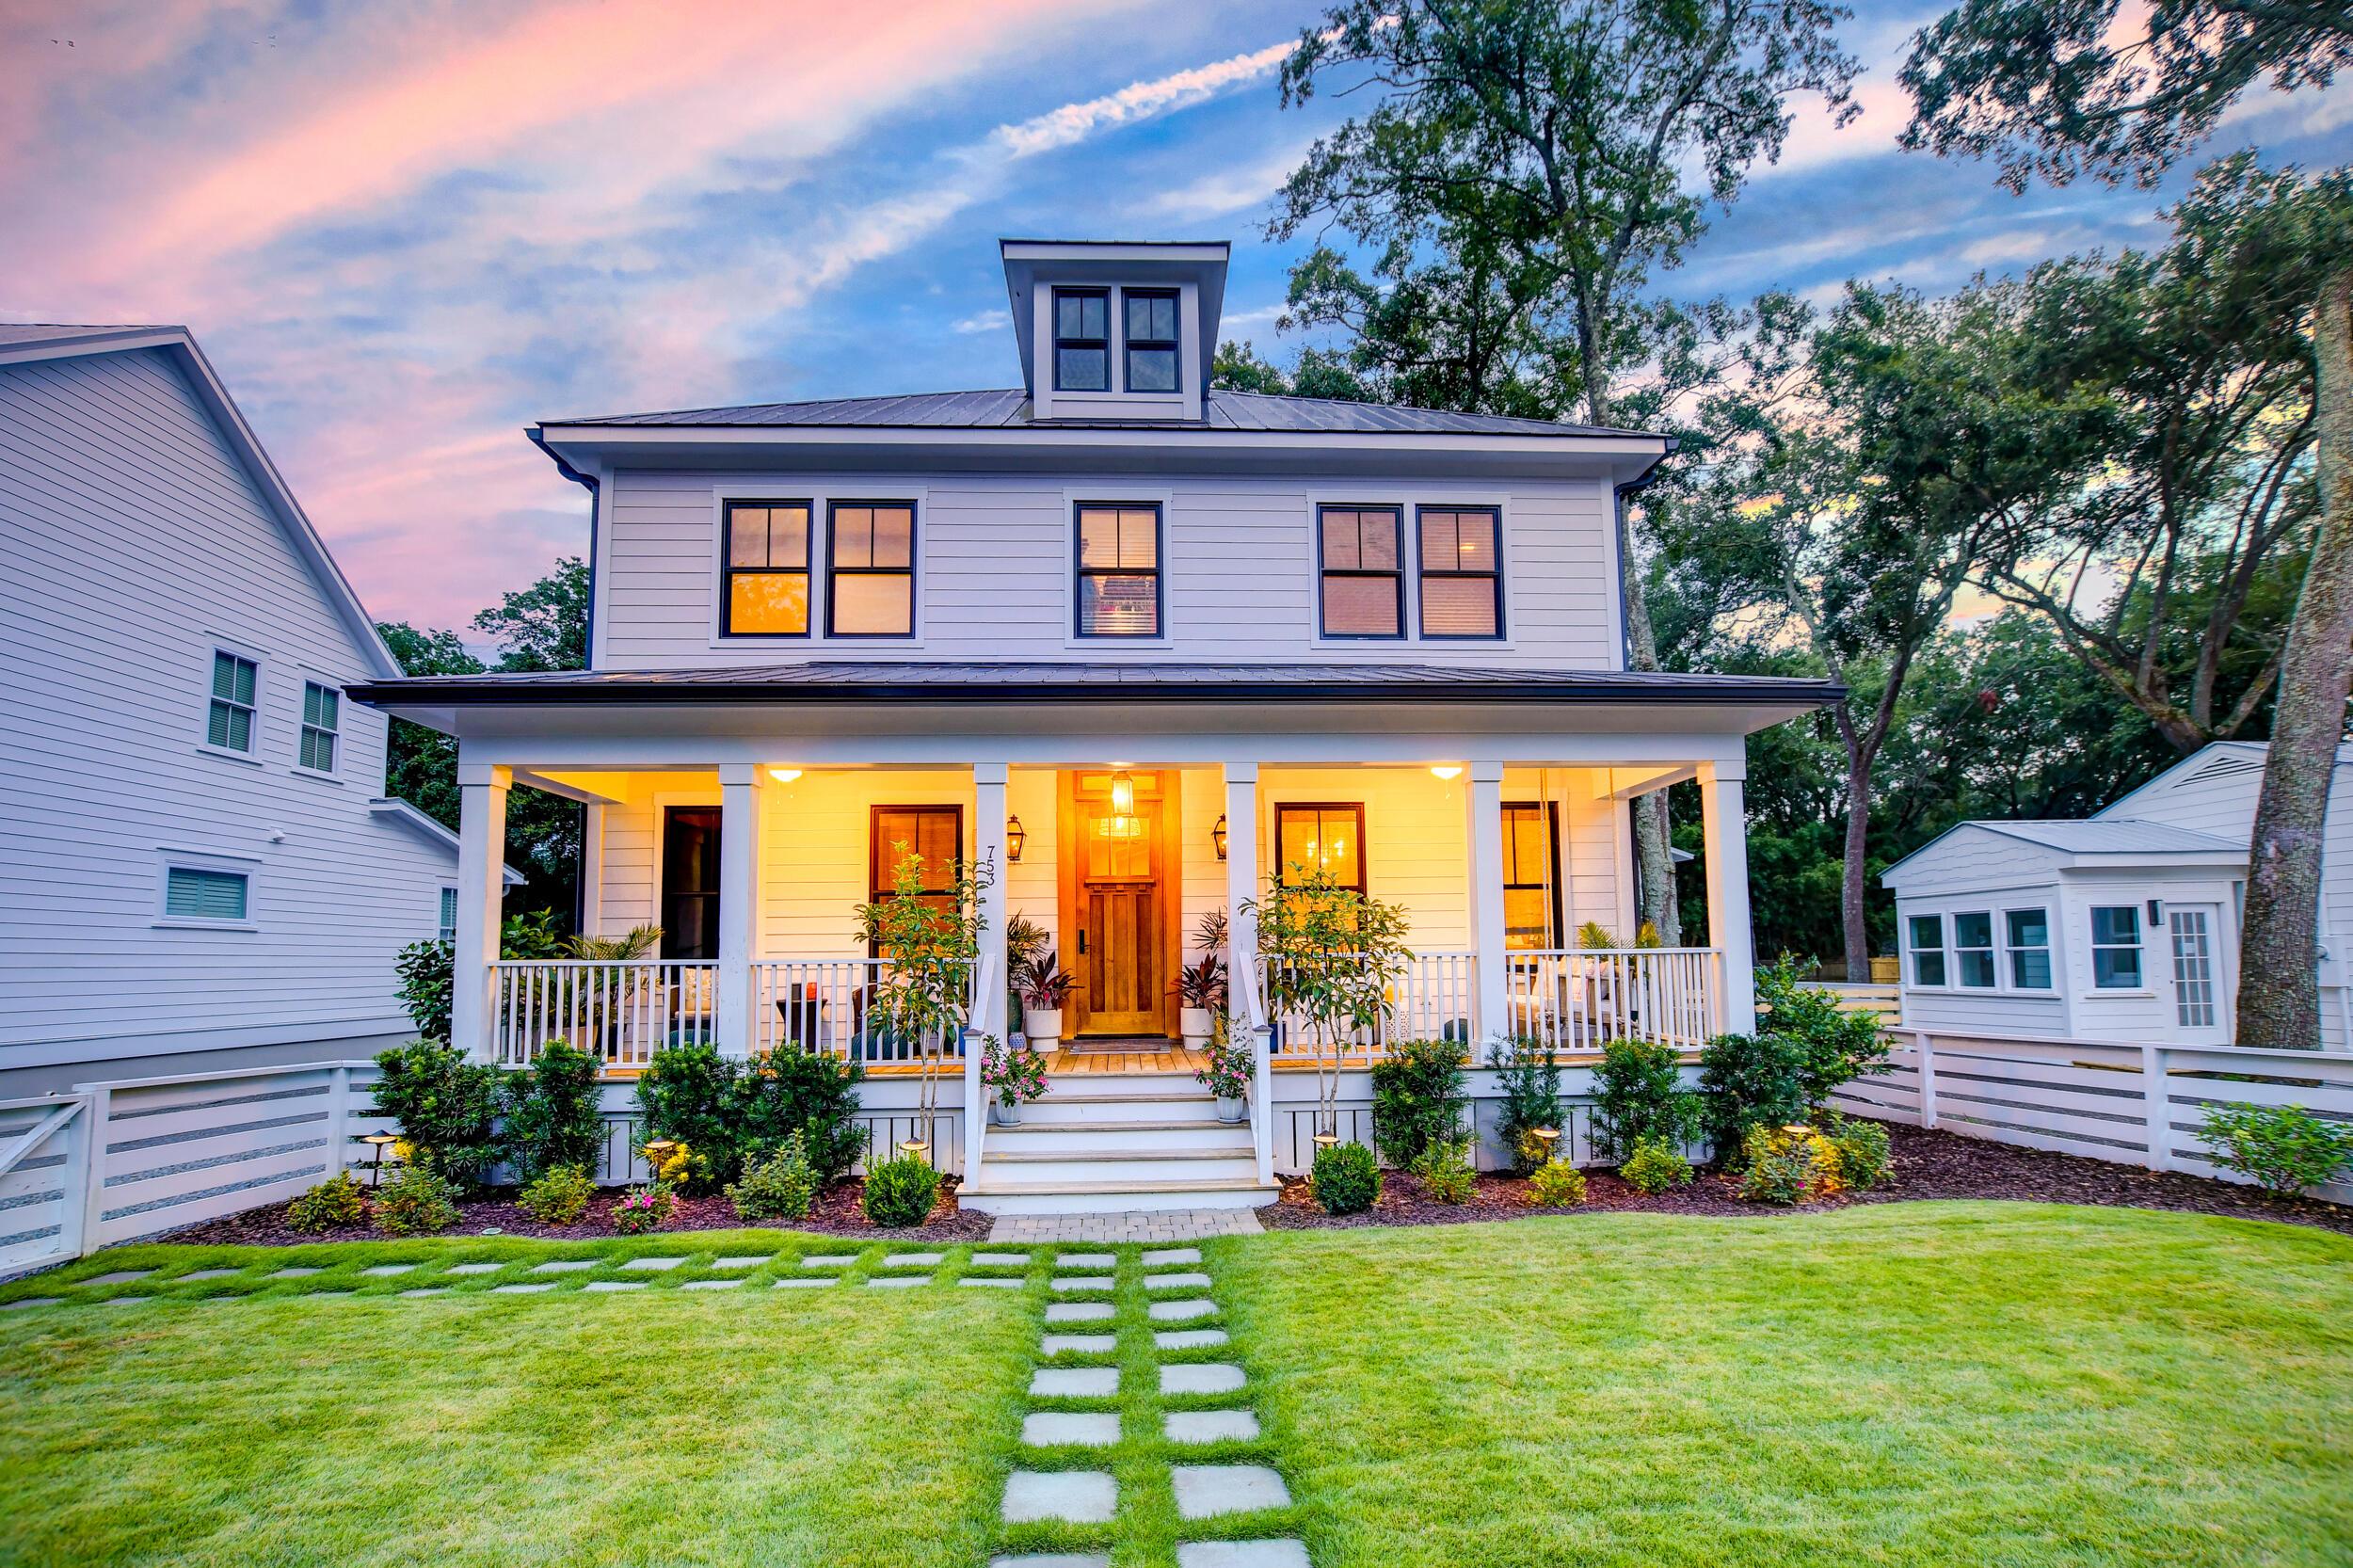 Old Mt Pleasant Homes For Sale - 753 Mccants, Mount Pleasant, SC - 58